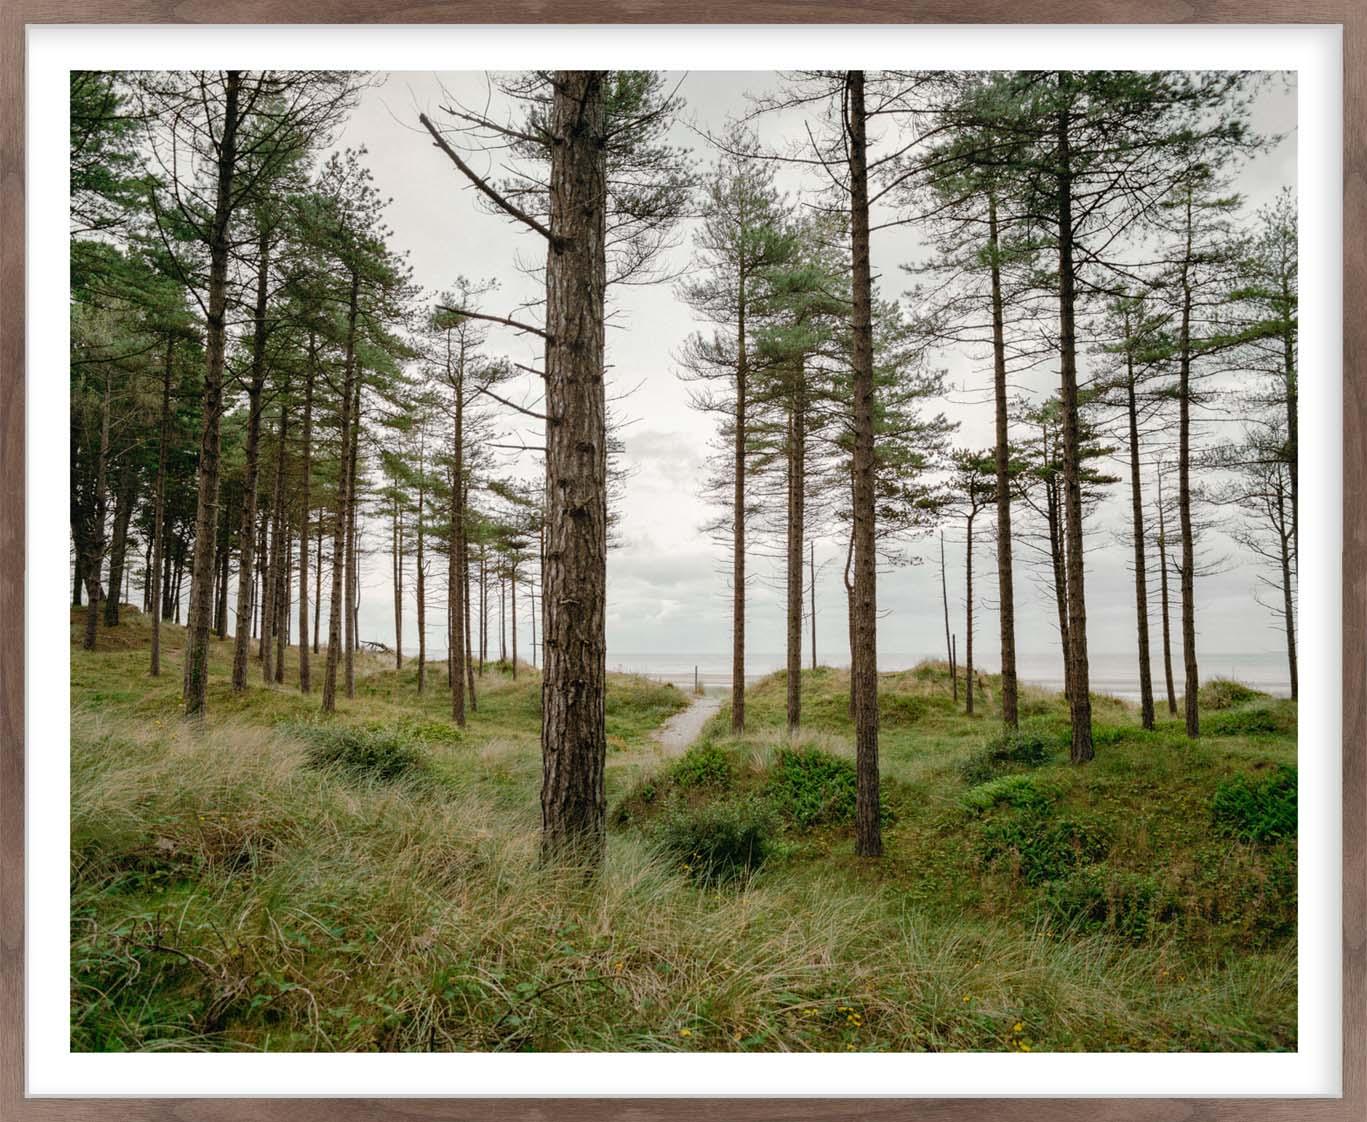 Hang Tough 'Raven Wood' Slip Mounted in Walnut (Framing Only)